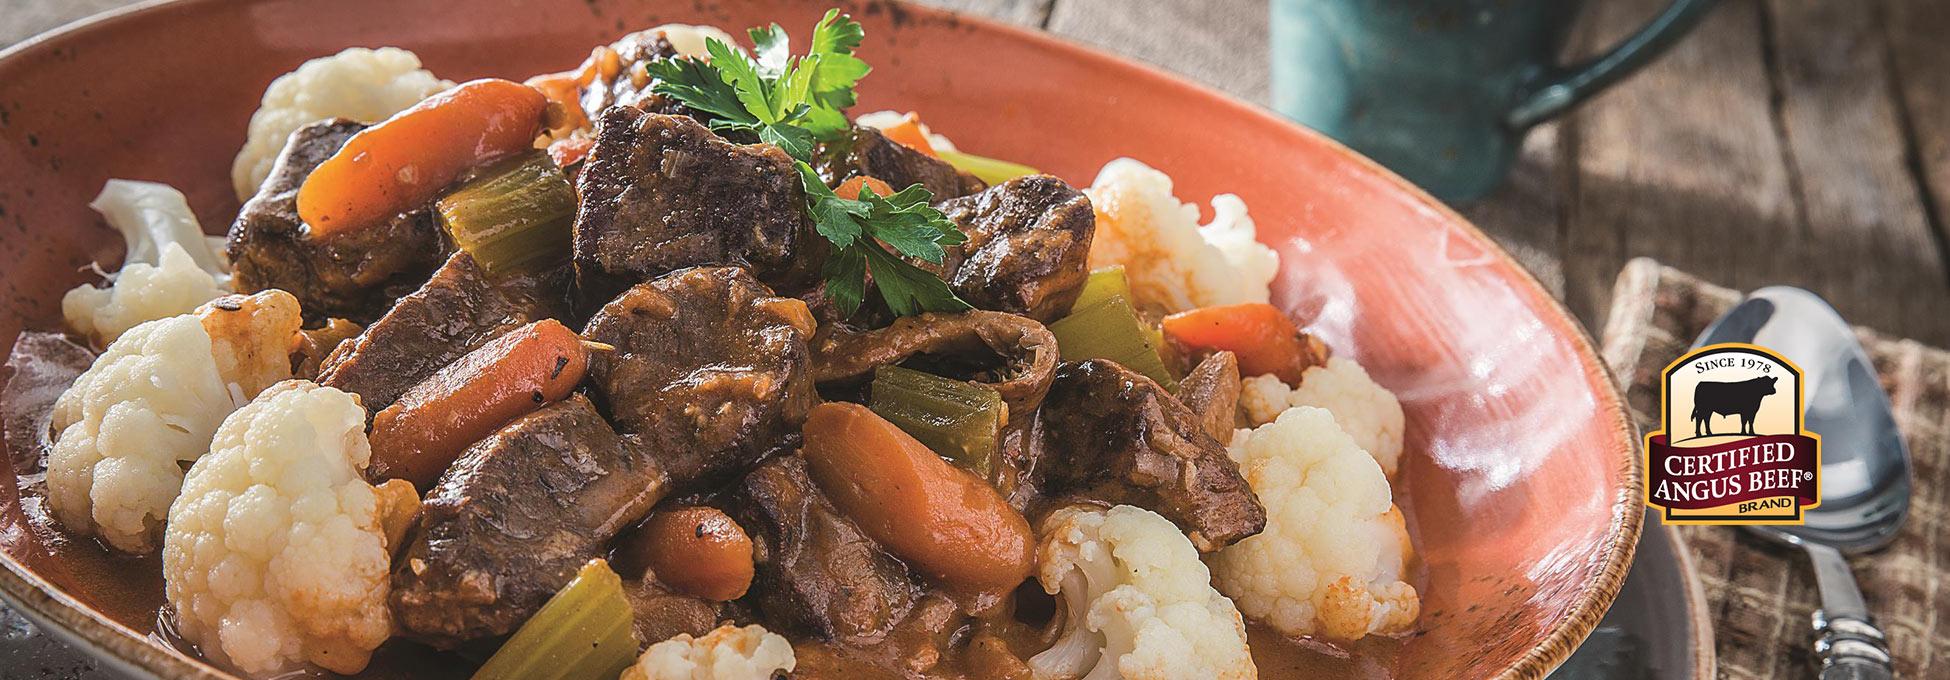 trigs-homepg-banner-CAB-beef-stew.jpg